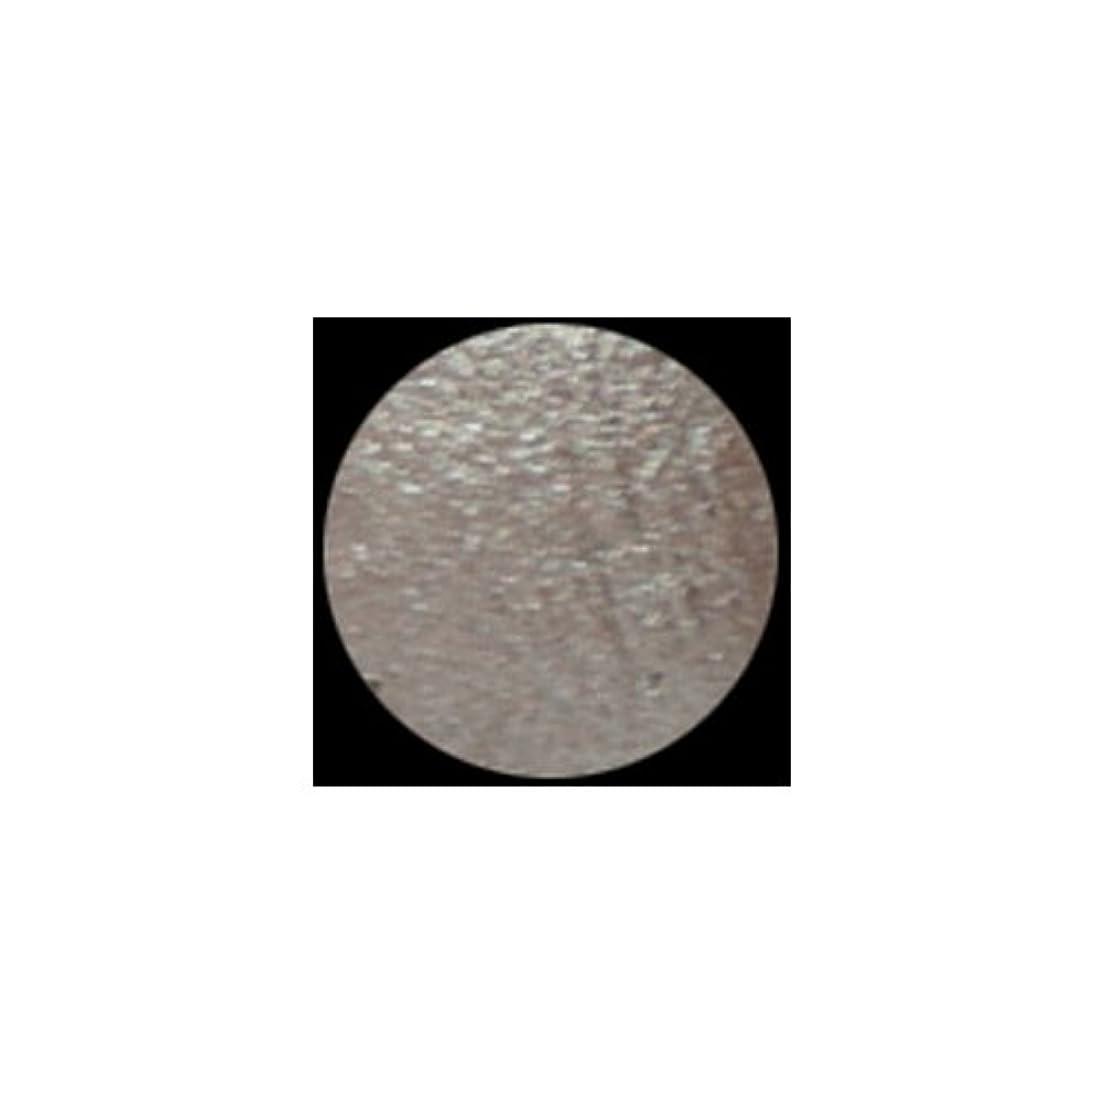 可能性静けさ咽頭(6 Pack) KLEANCOLOR American Eyedol (Wet/Dry Baked Eyeshadow) - Toffee (並行輸入品)